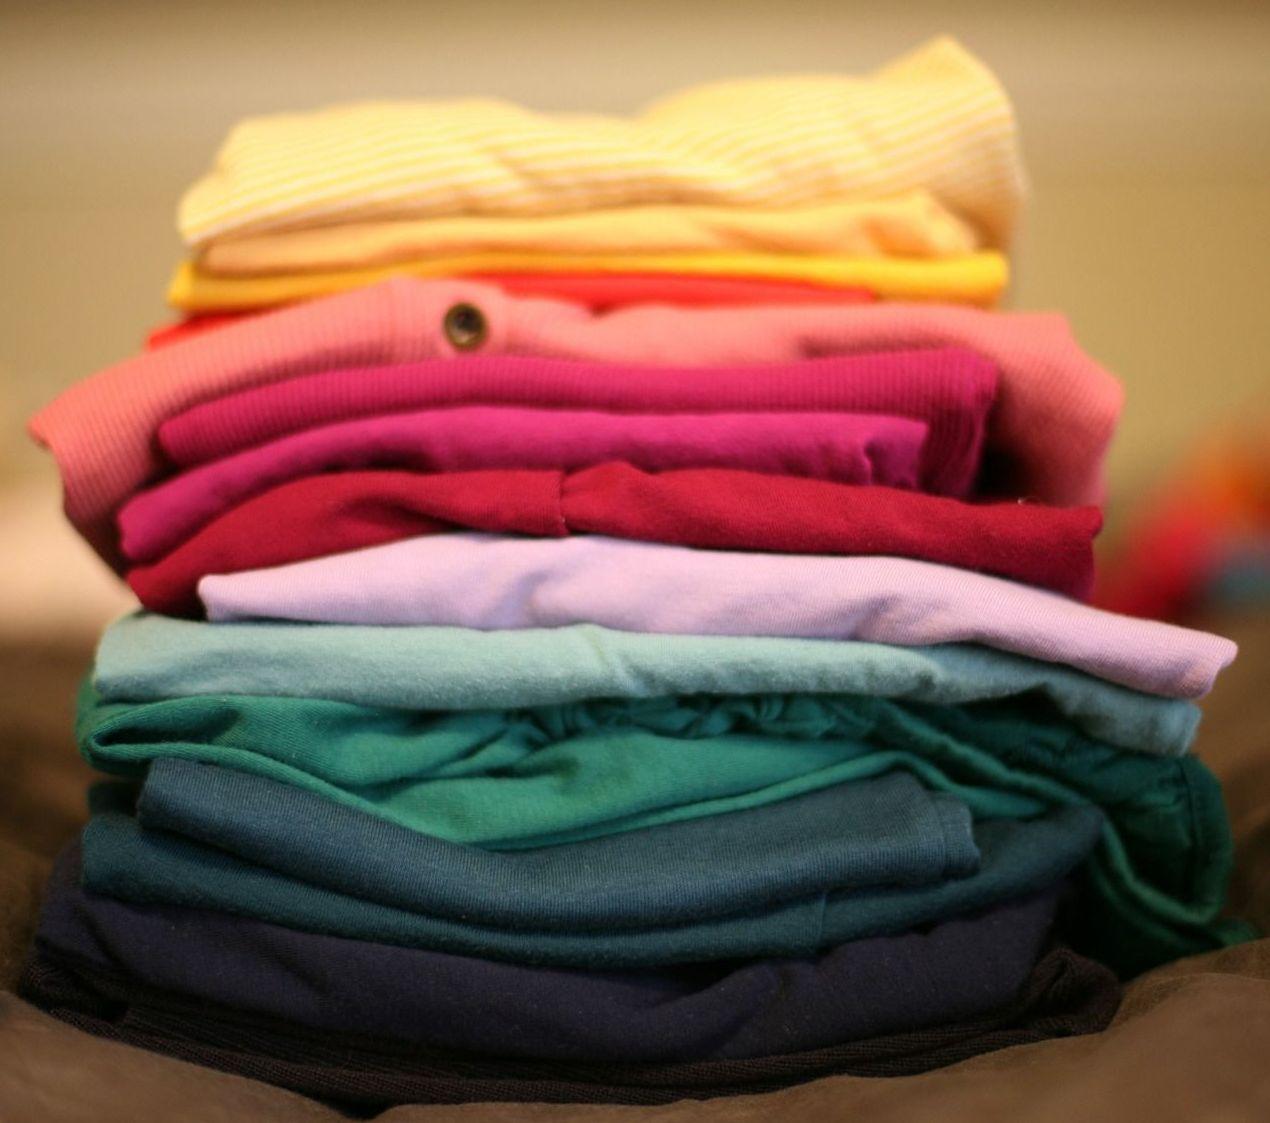 Lavado de prendas delicadas